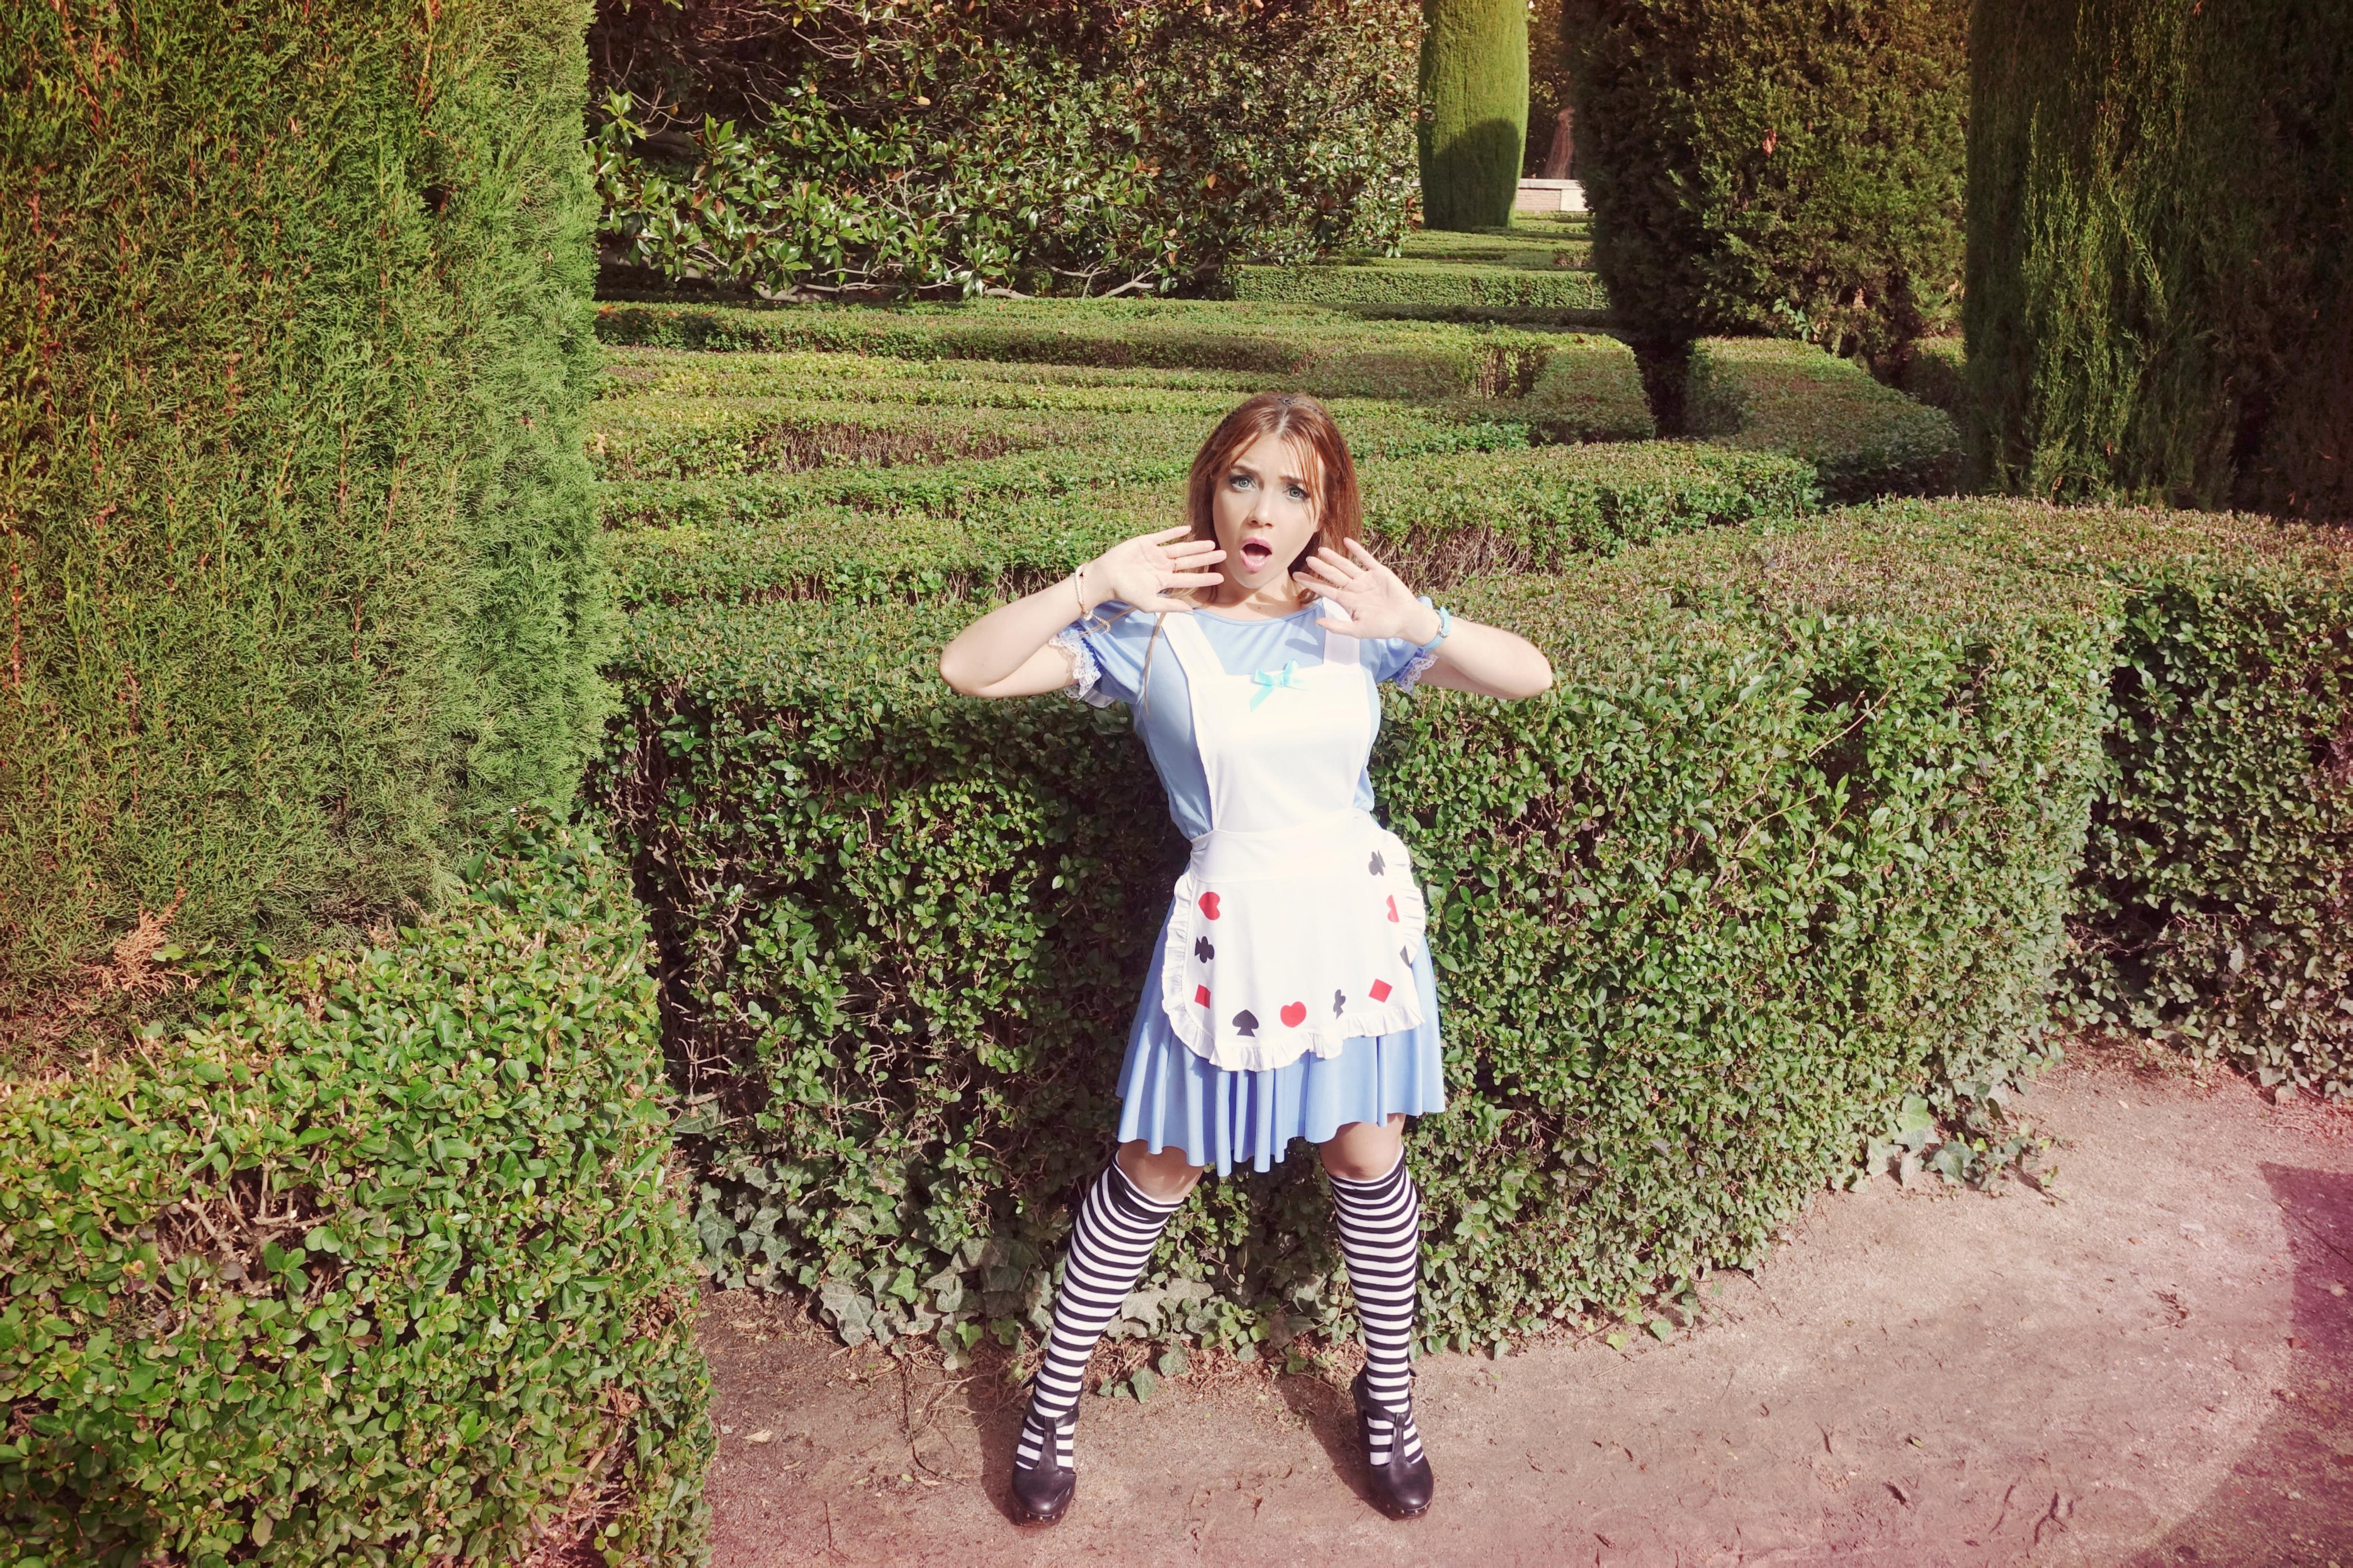 Disfraz-alicia-en-el-pais-de-las-maravillas-halloween-PiensaenChic-blog-de-moda-ChicAdicta-influencer-halloween-Chic-adicta-Piensa-en-Chic